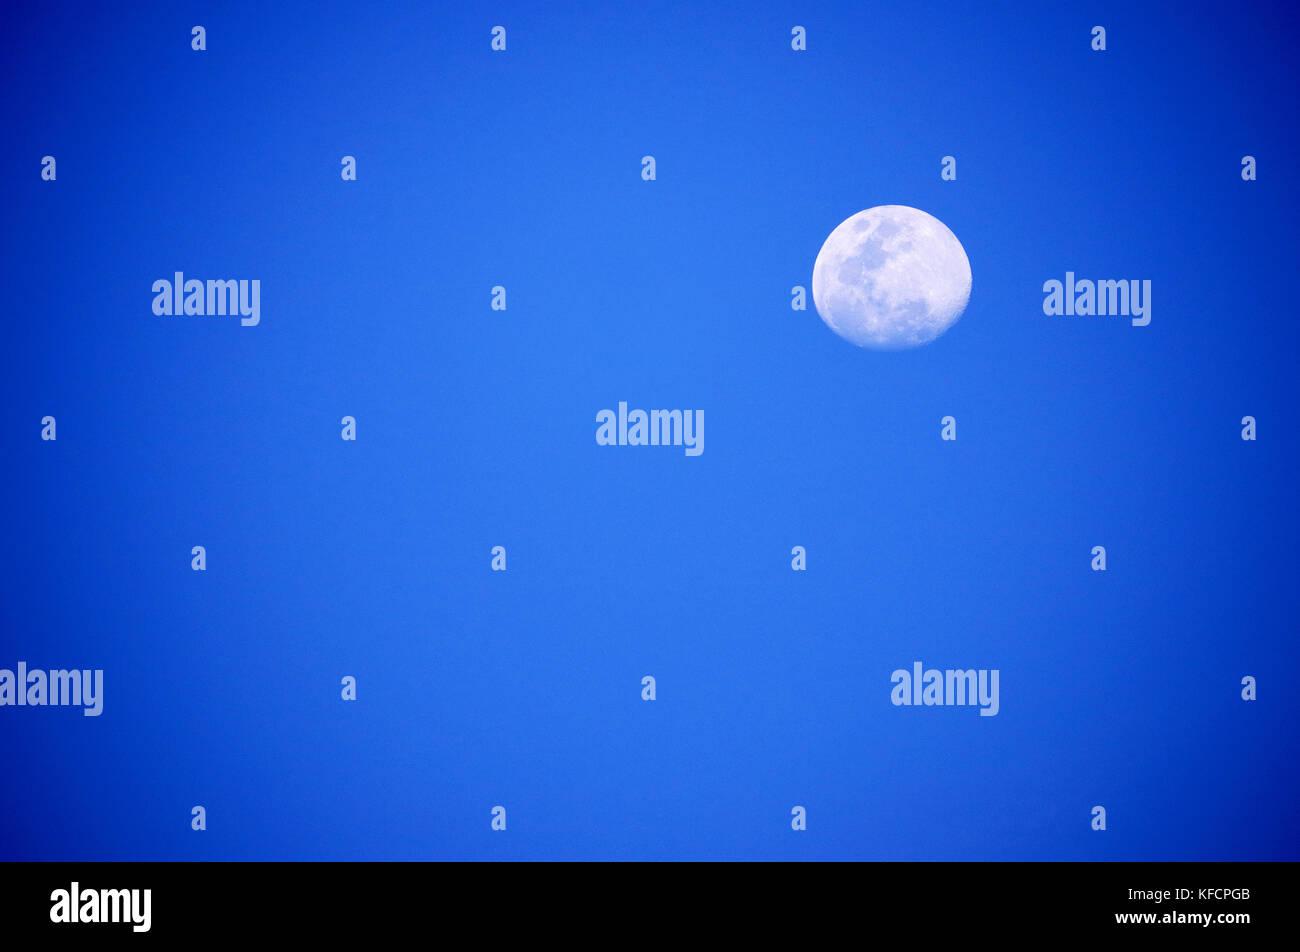 Luna llena desde puerto rico Immagini Stock